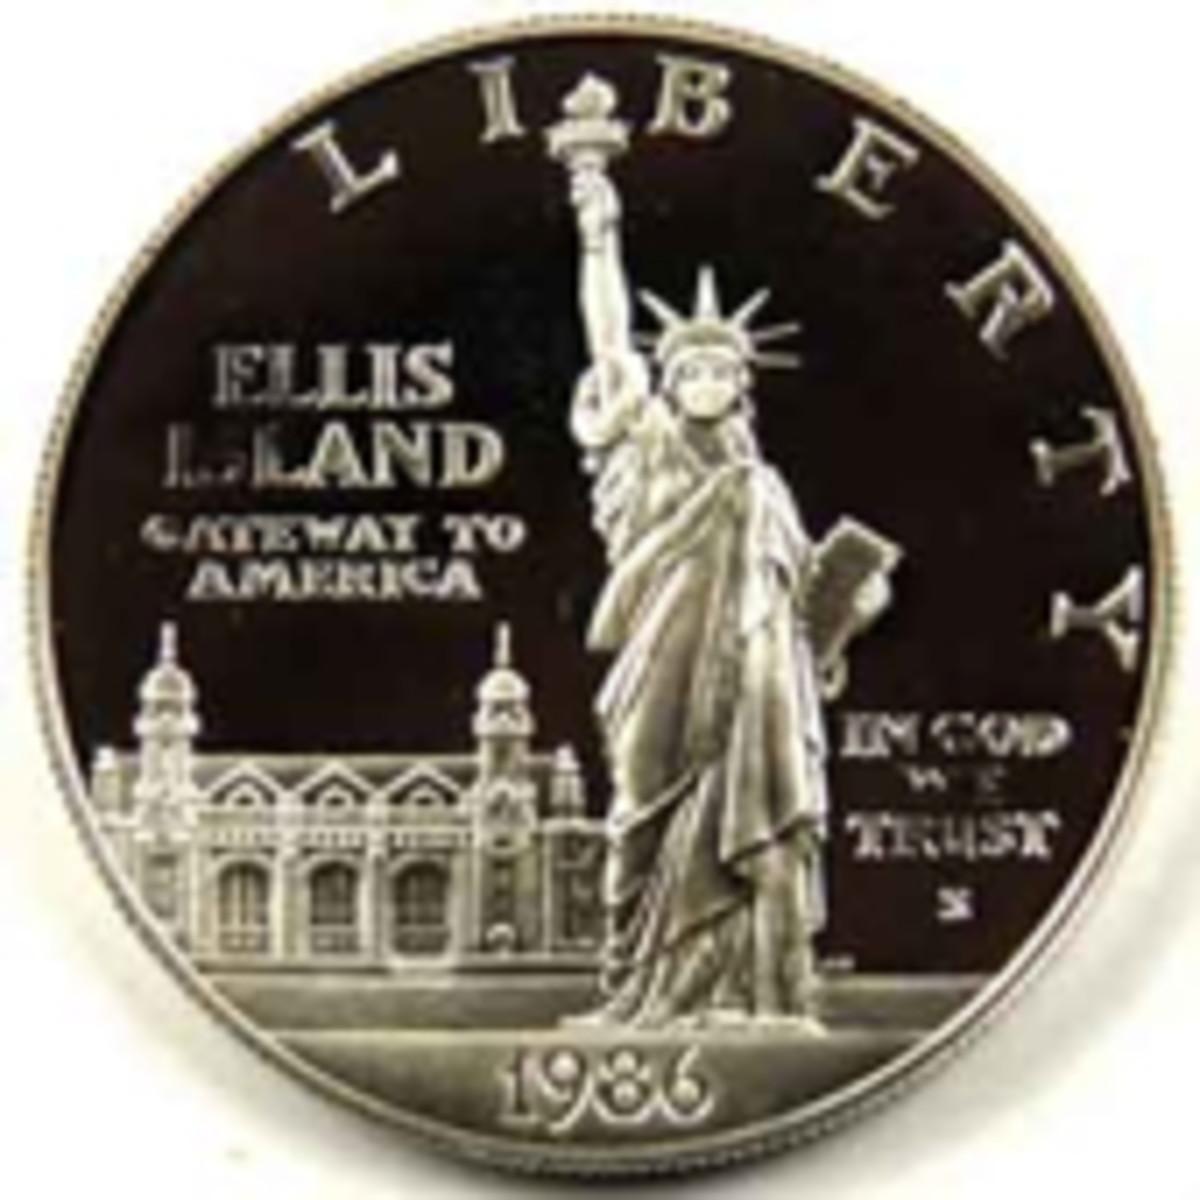 Statue of Liberty Commemorative coin